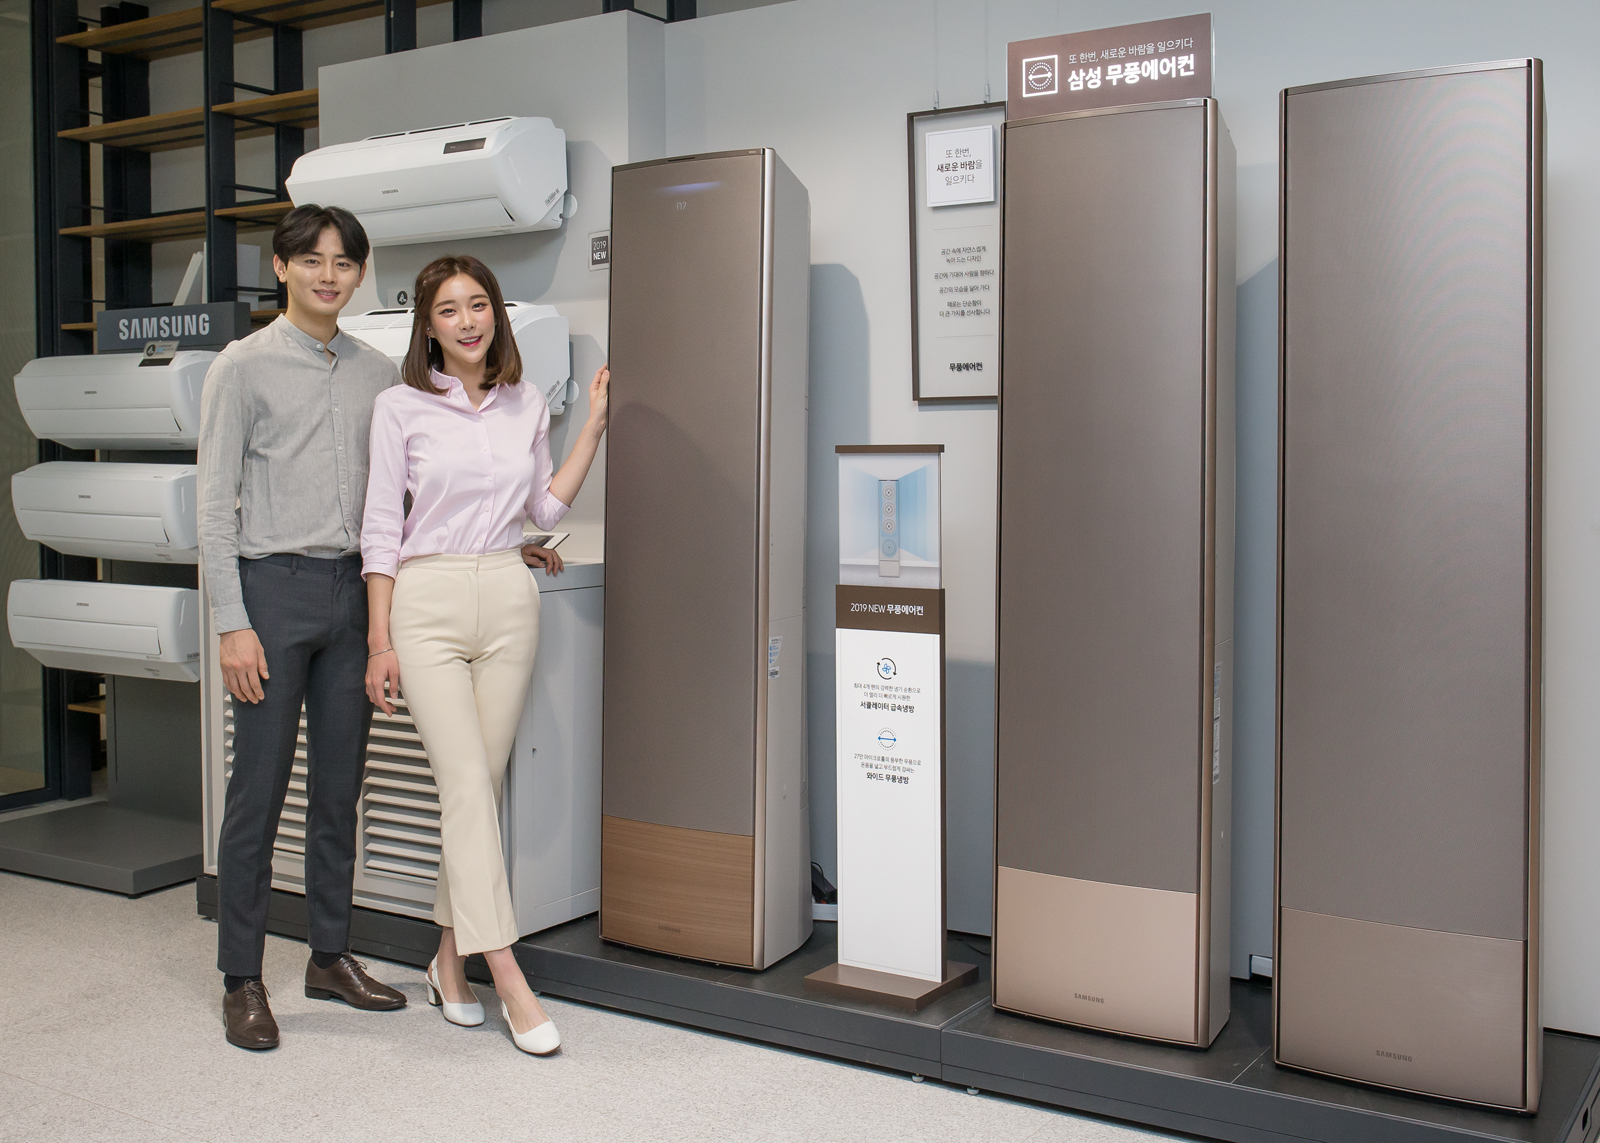 삼성전자 모델들이 냉방 성능과 디자인의 격을 한층 높여 완전히 새로워진 2019년형 '무풍에어컨'을 소개하고 있다.